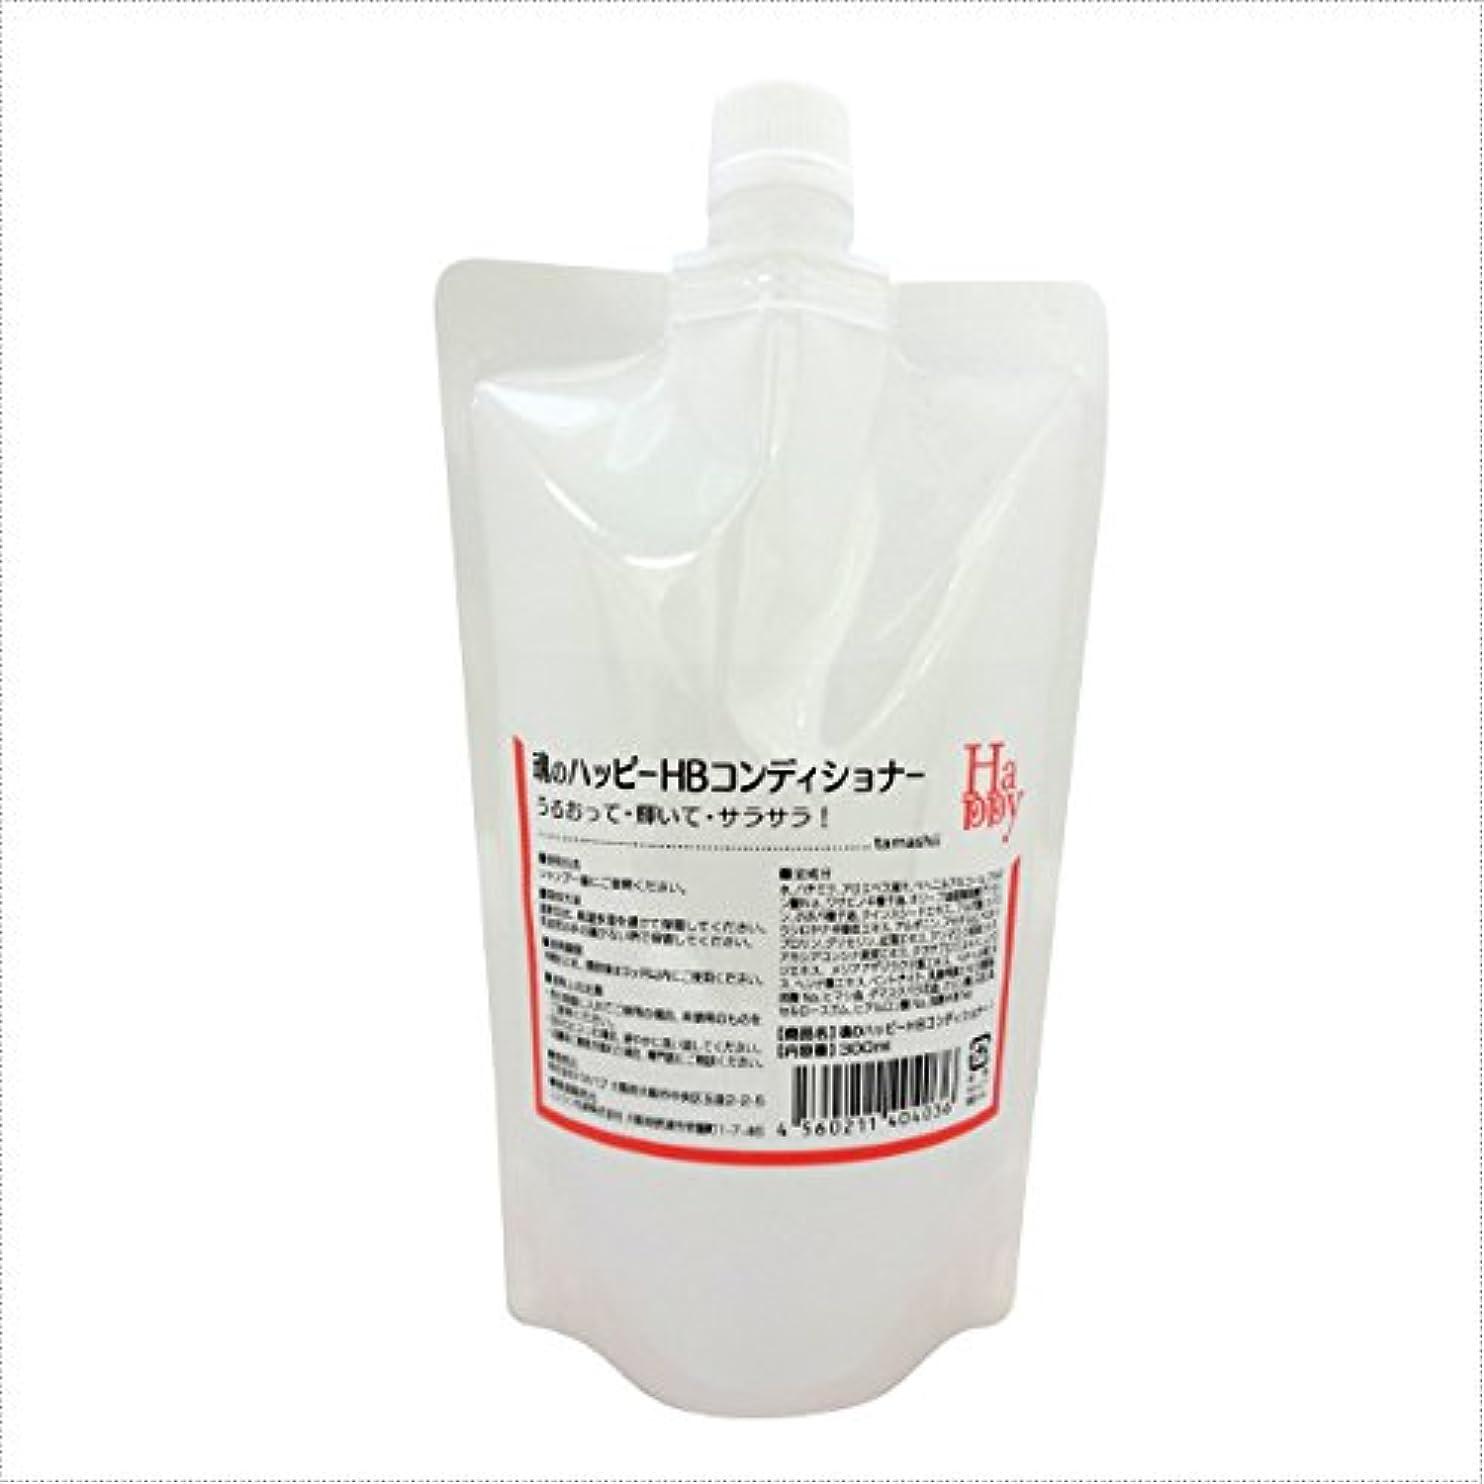 複雑厚さコーン魂のハッピーHBコンディショナー300ml(ローズの香り) 詰替タイプ 無添加ノンシリコンコンディショナー 界面活性剤不使用コンディショナー